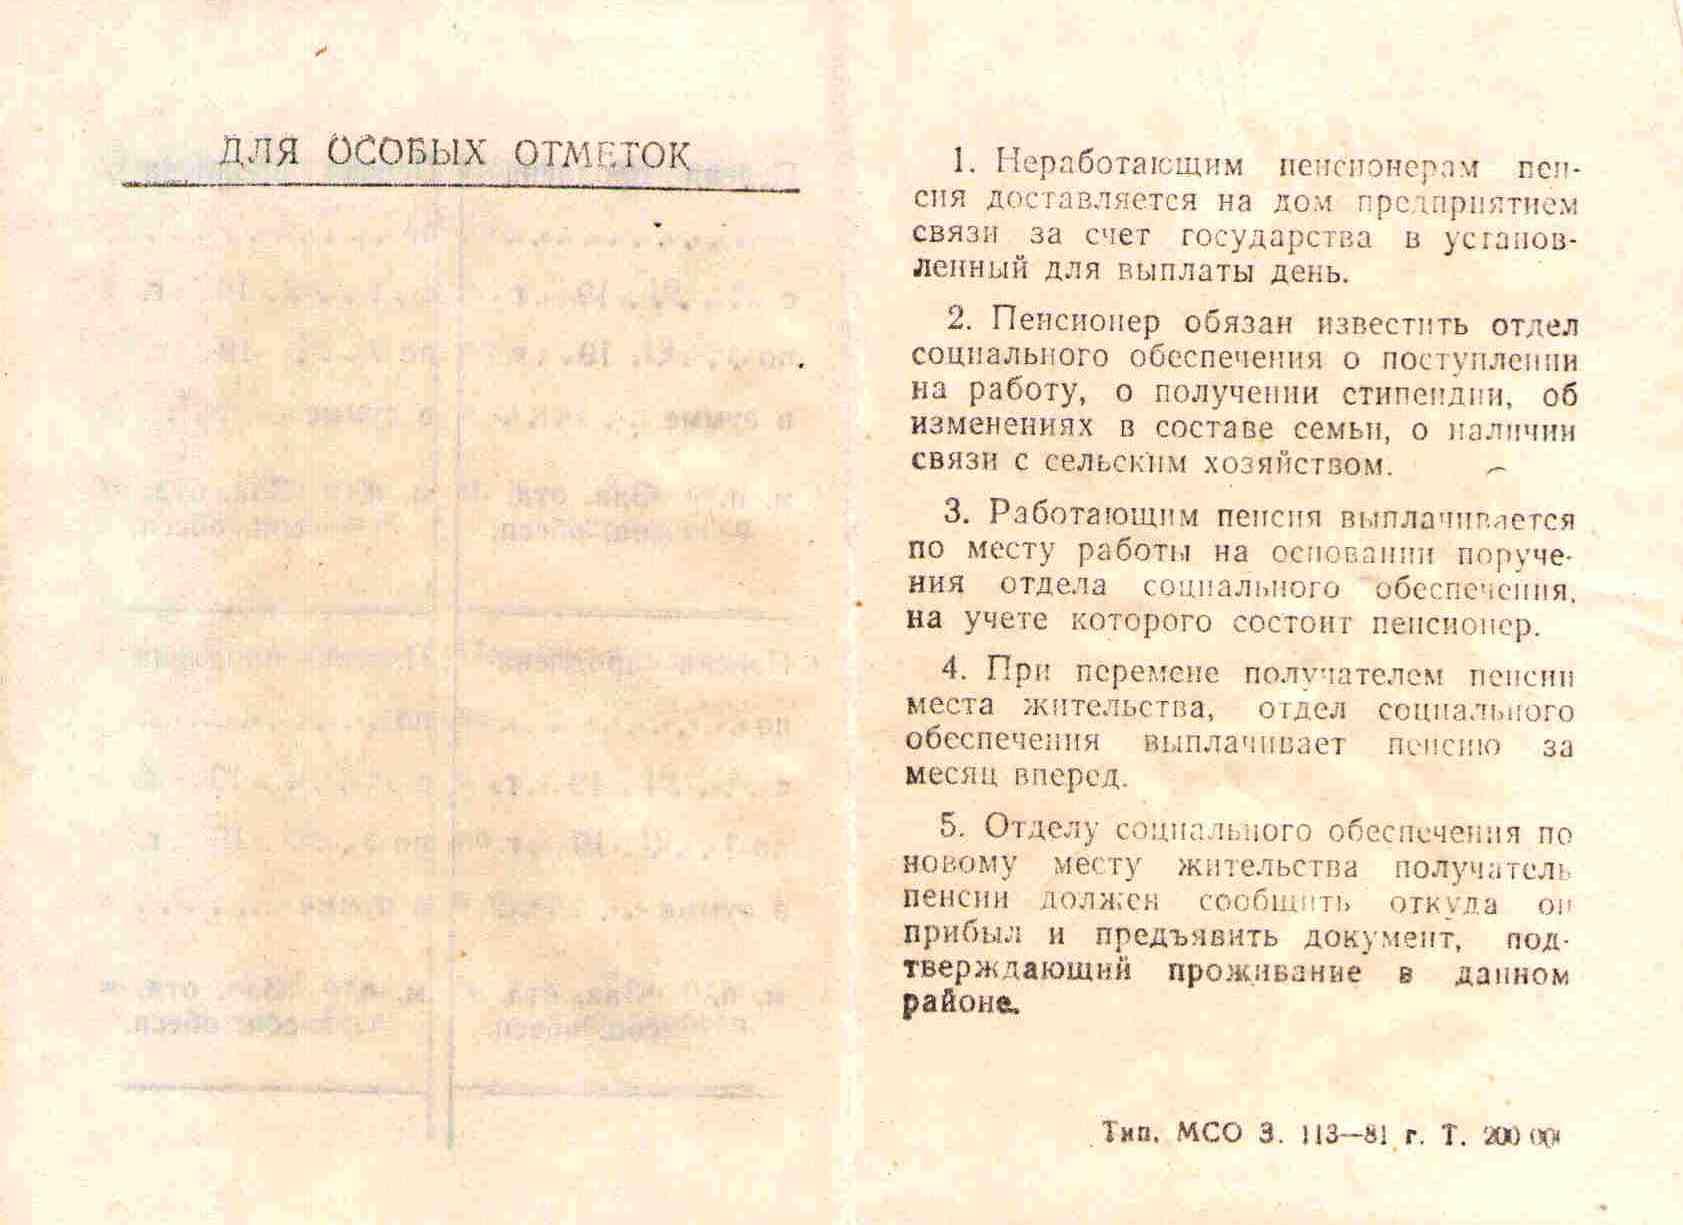 80. Пенсионное удостоверение, 1986